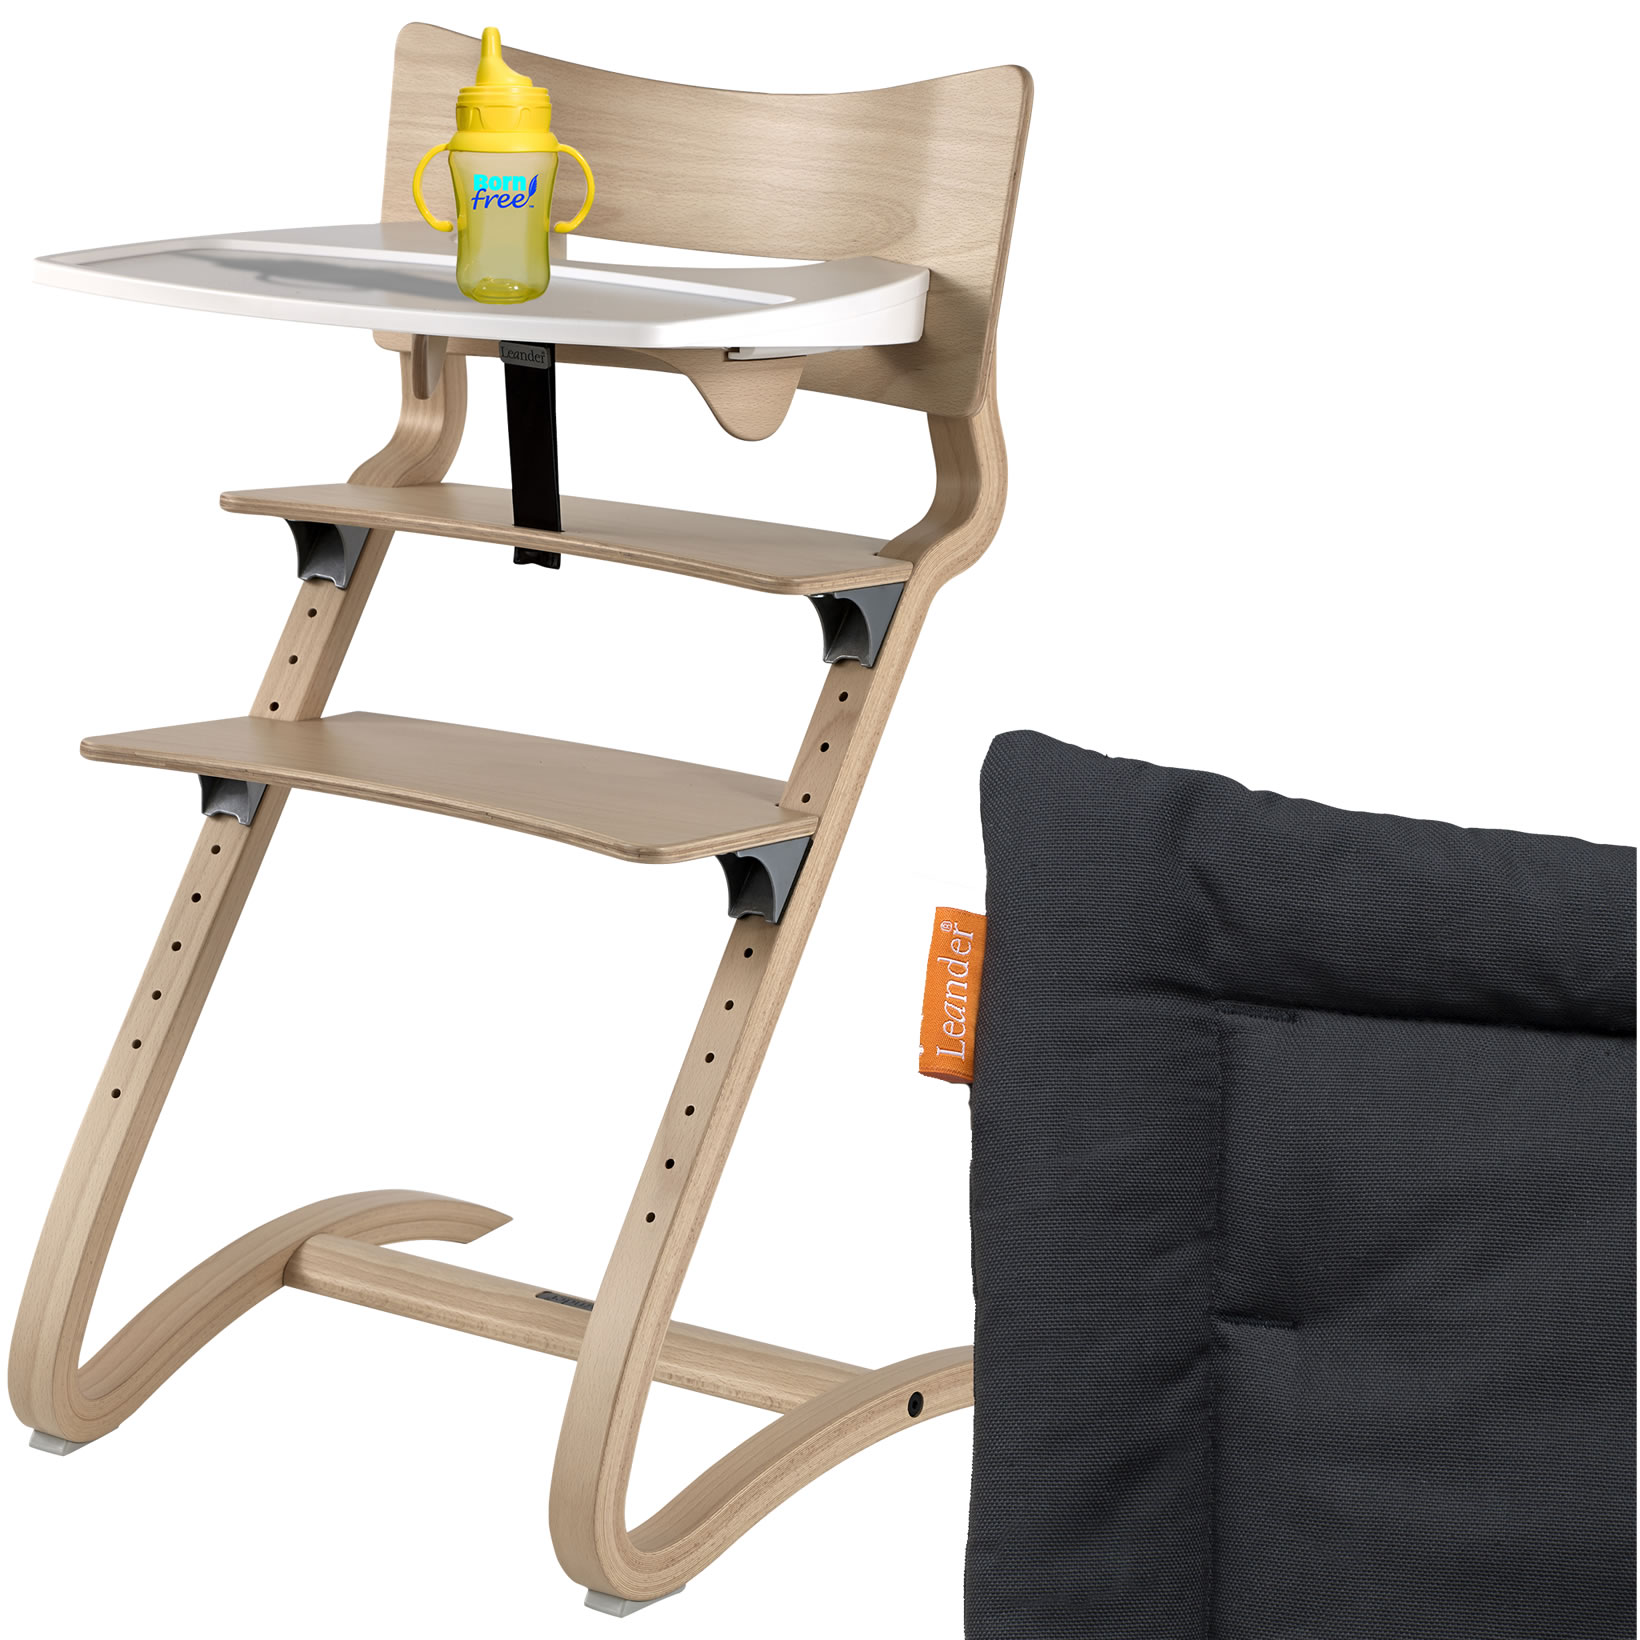 leander hochstuhl natur komplett mit sicherheitsb gel tisch sitzkissen coal ebay. Black Bedroom Furniture Sets. Home Design Ideas